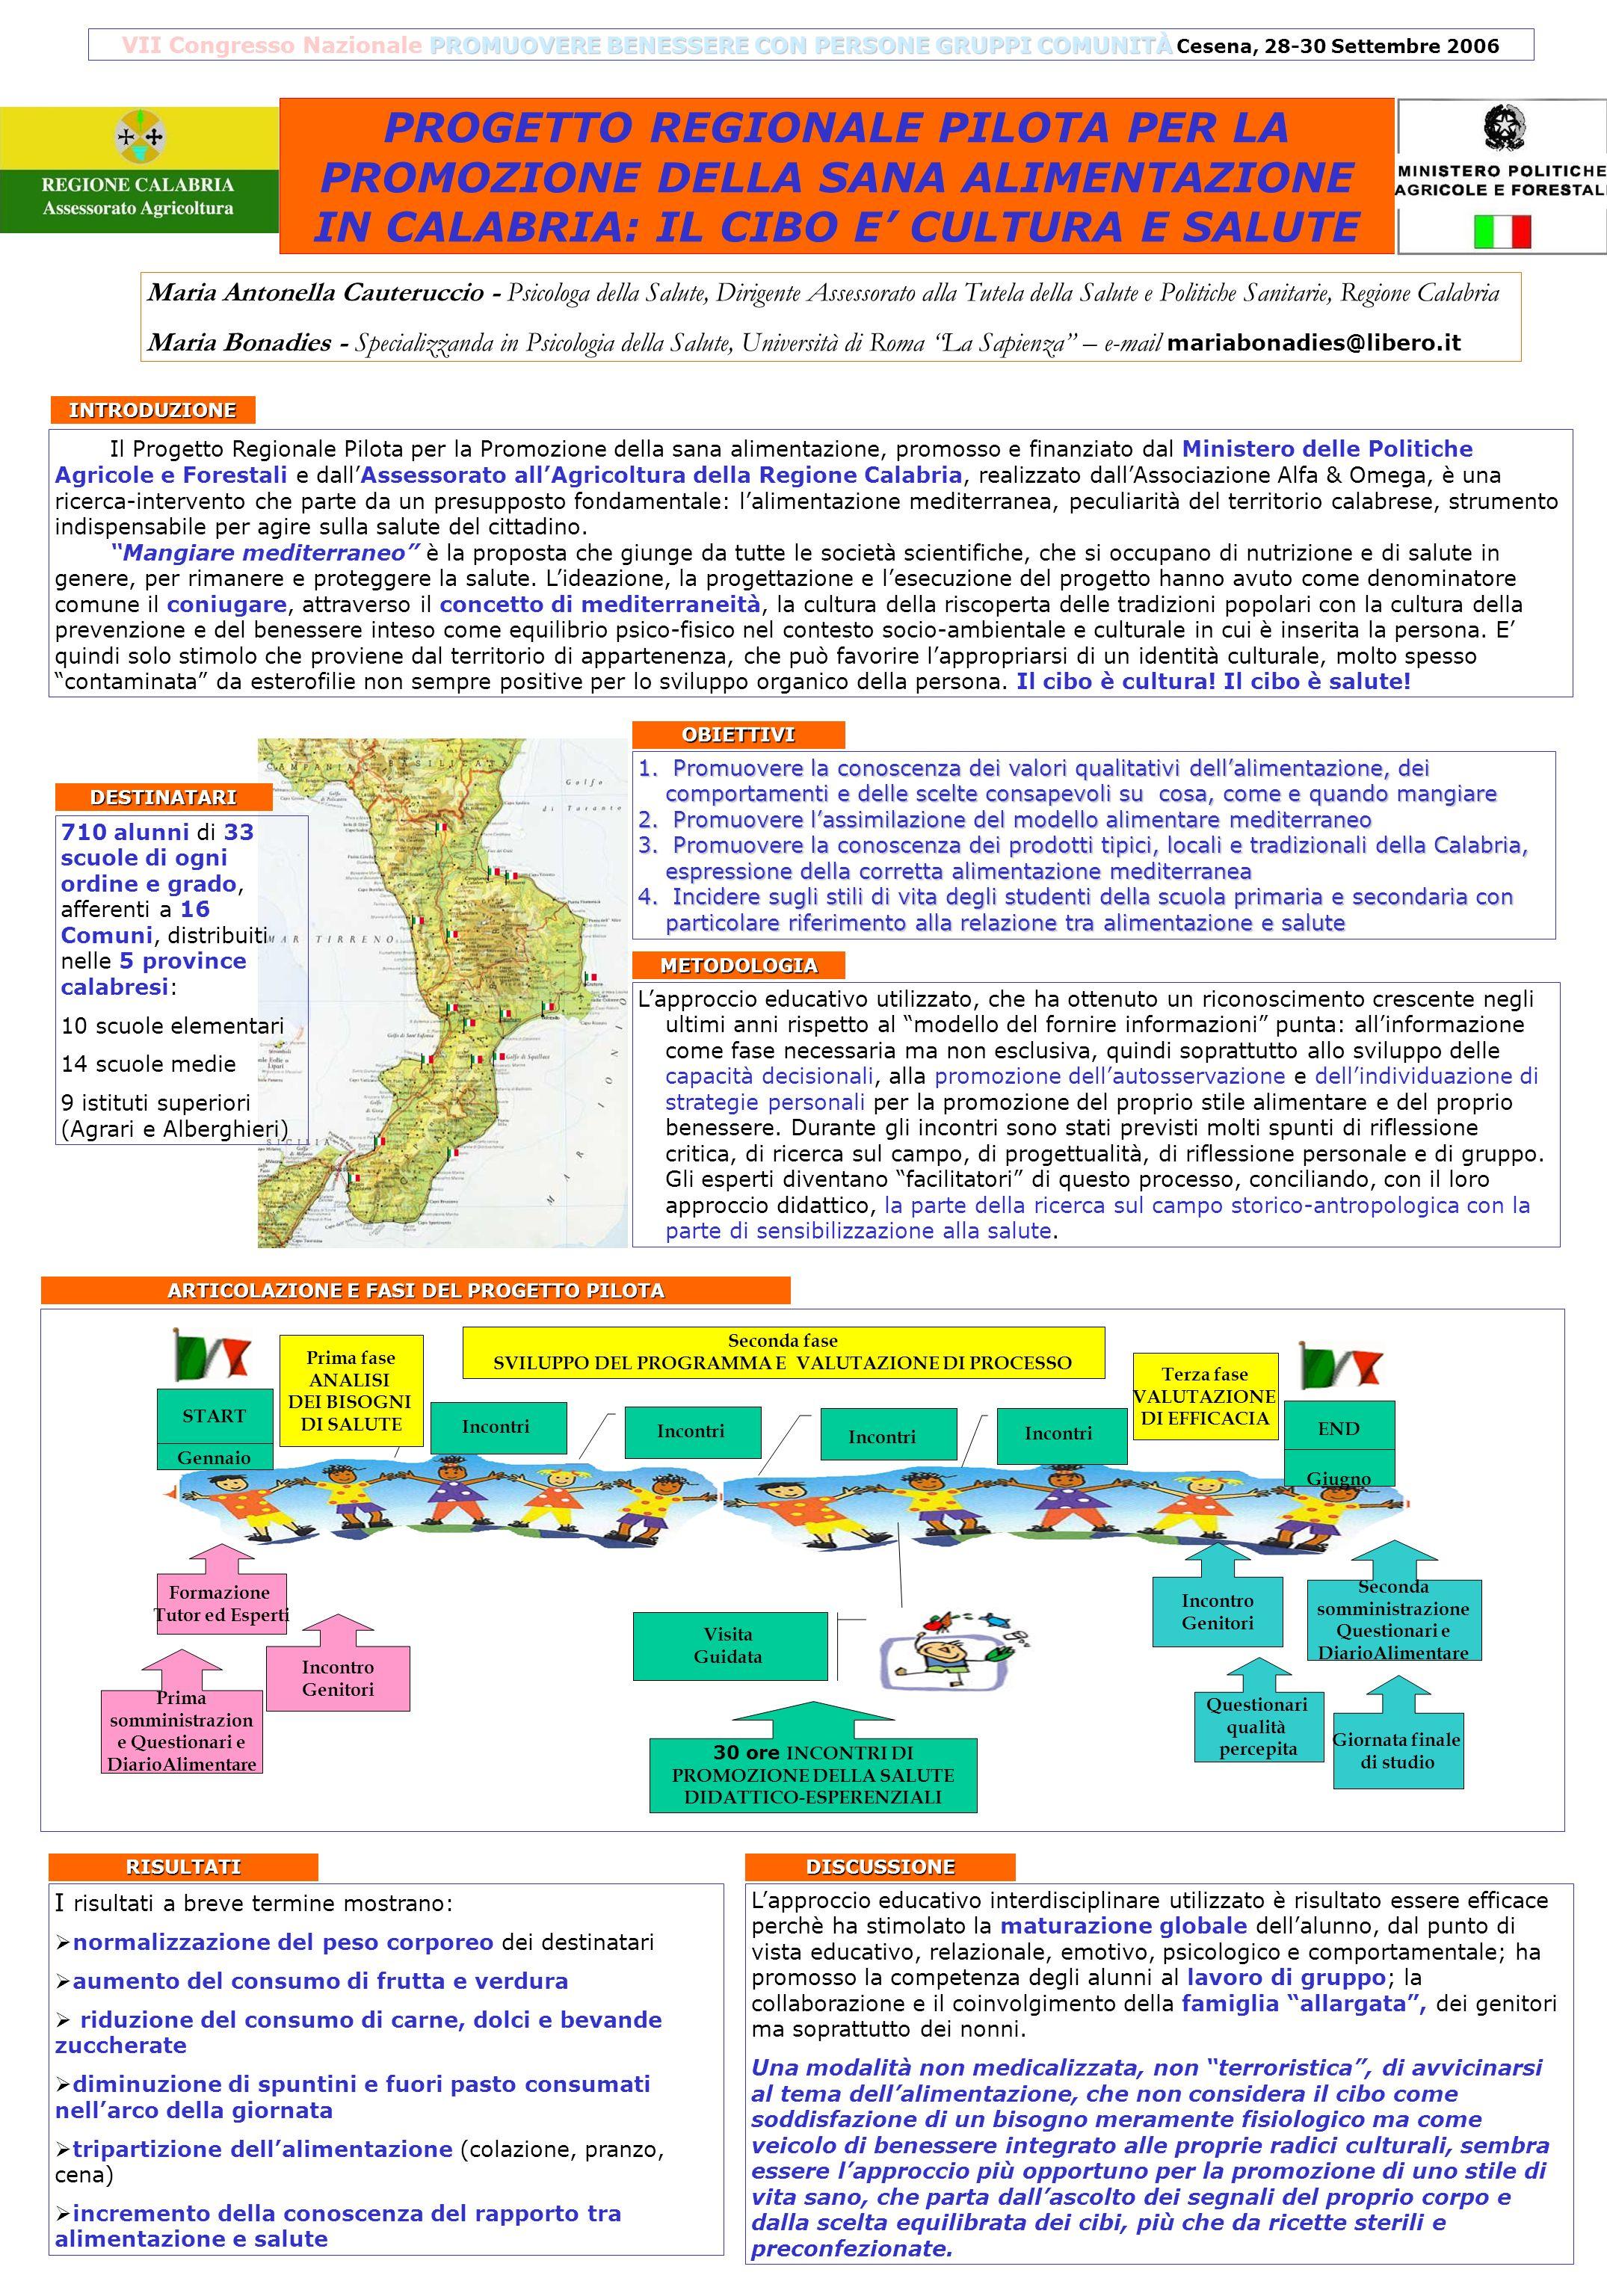 VII Congresso Nazionale PROMUOVERE BENESSERE CON PERSONE GRUPPI COMUNITÀ Cesena, 28-30 Settembre 2006